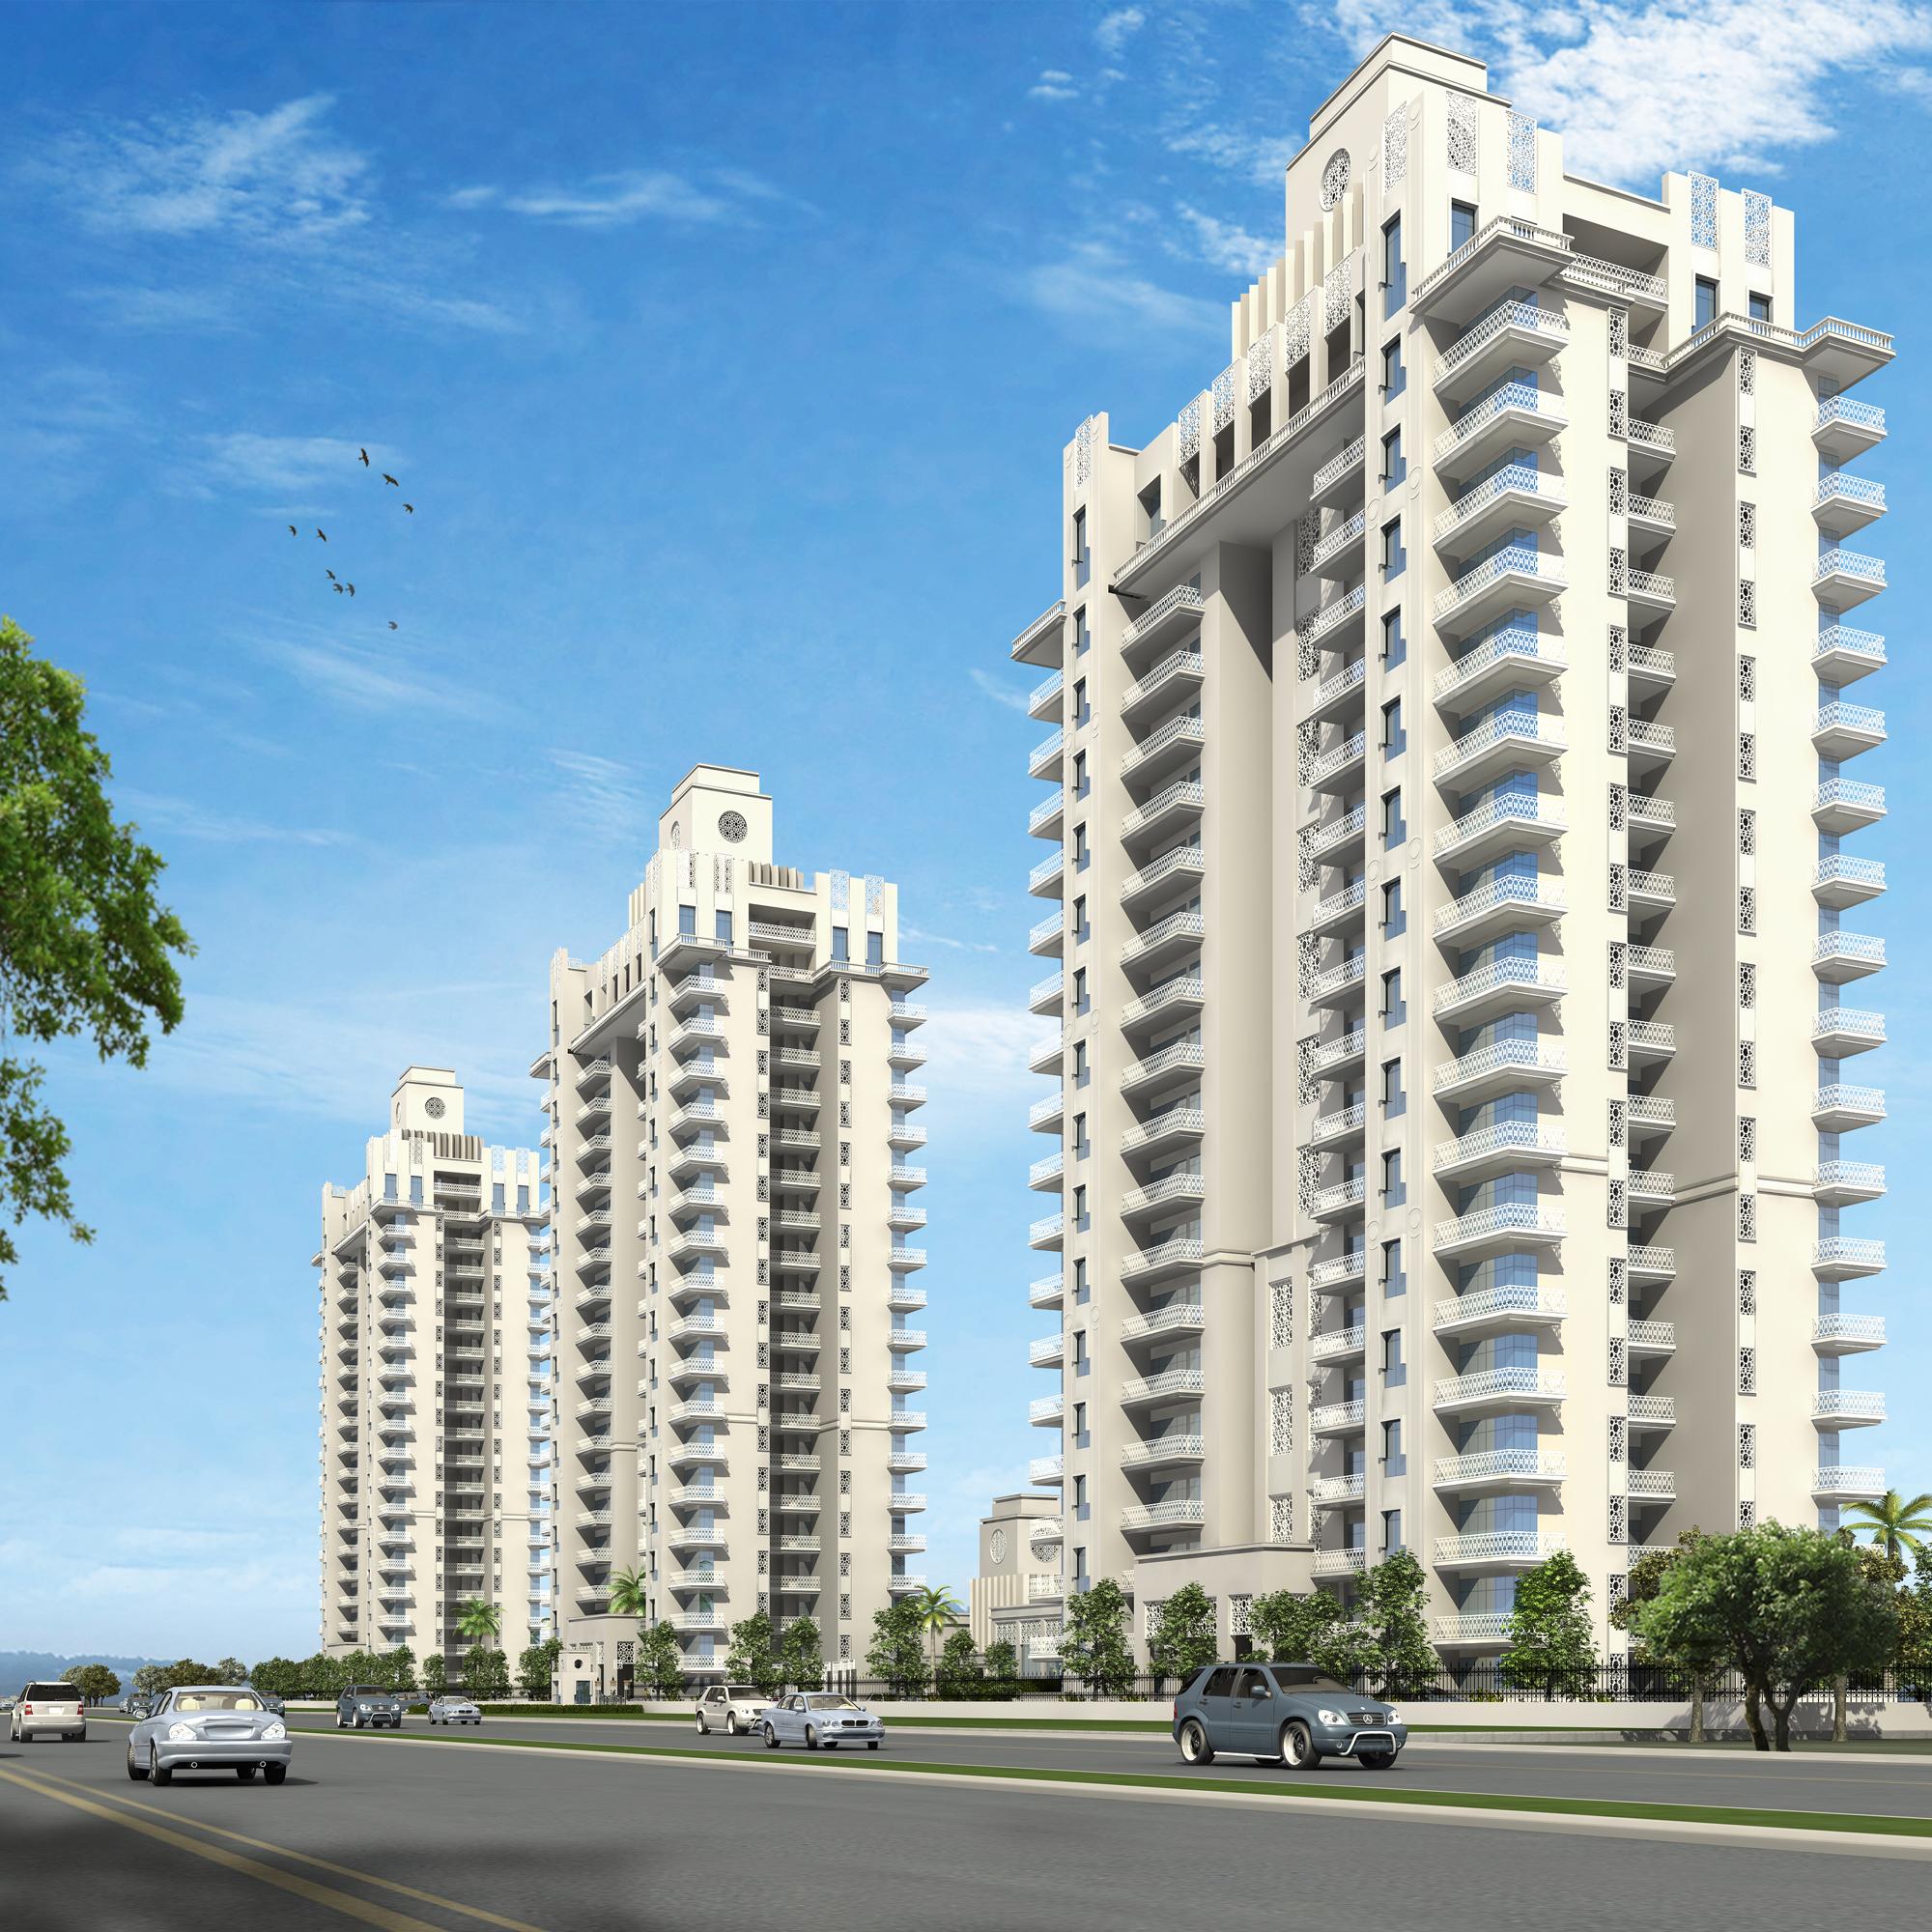 best architects studio in ncr delhi noida architectural